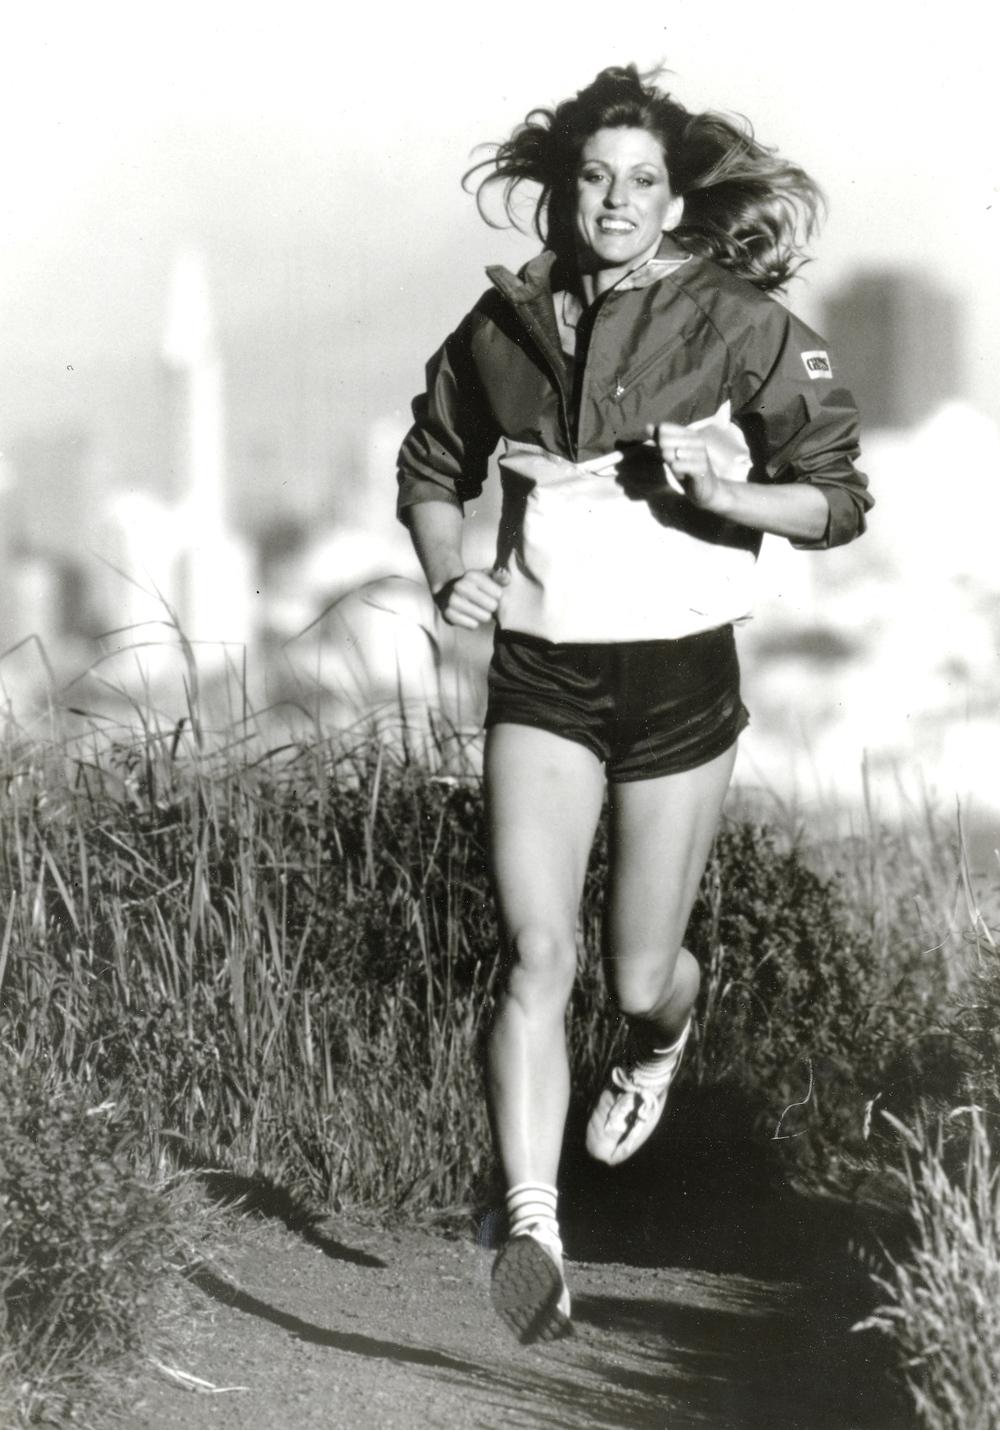 running womens sports 2.jpg